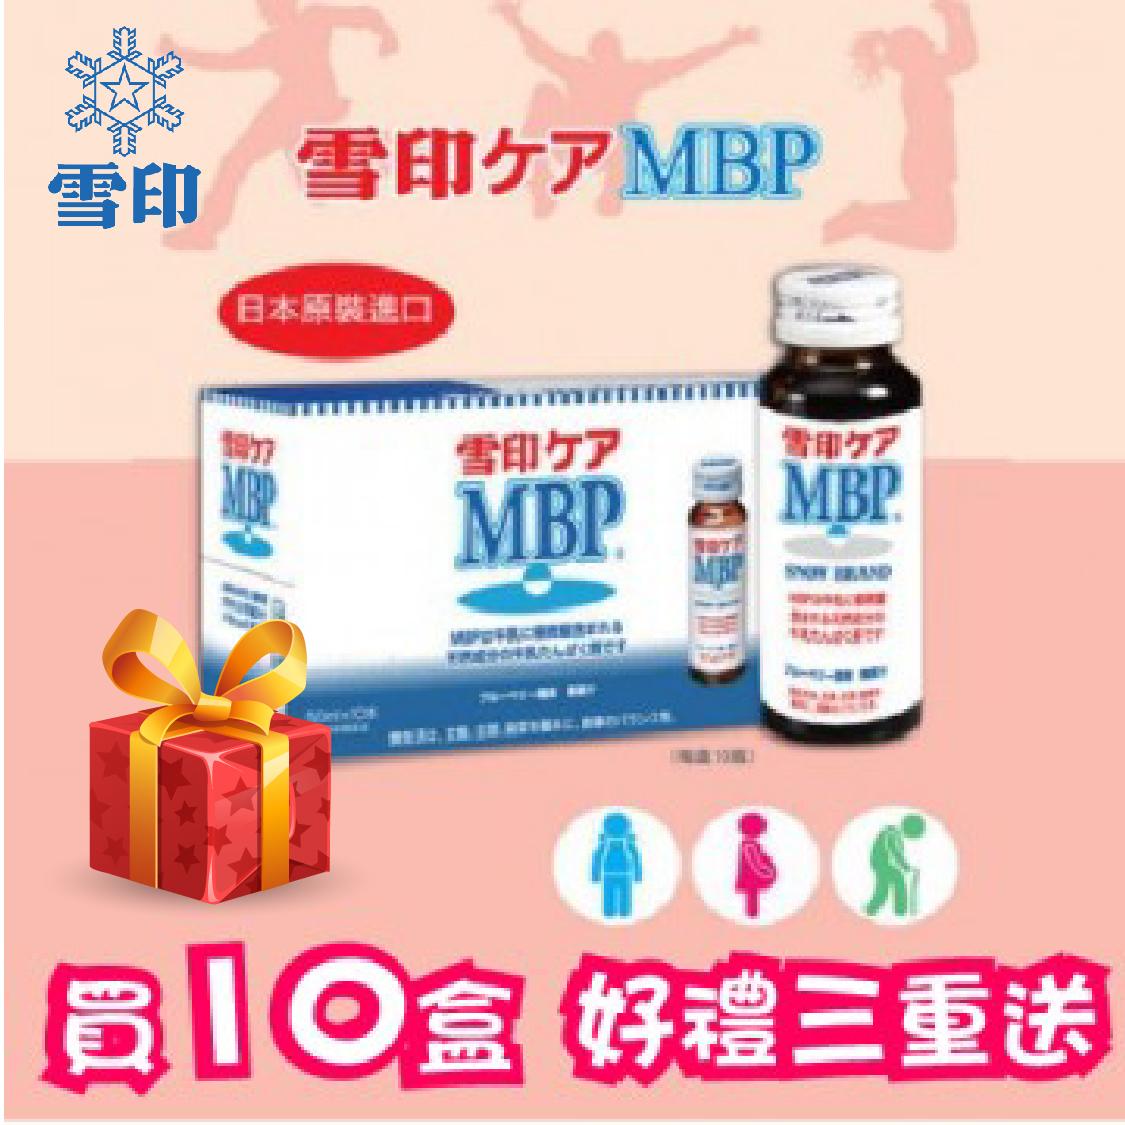 【中秋好禮3重送】日本【雪印】MBP精華液 50m (10+1盒)(日本原裝進口)